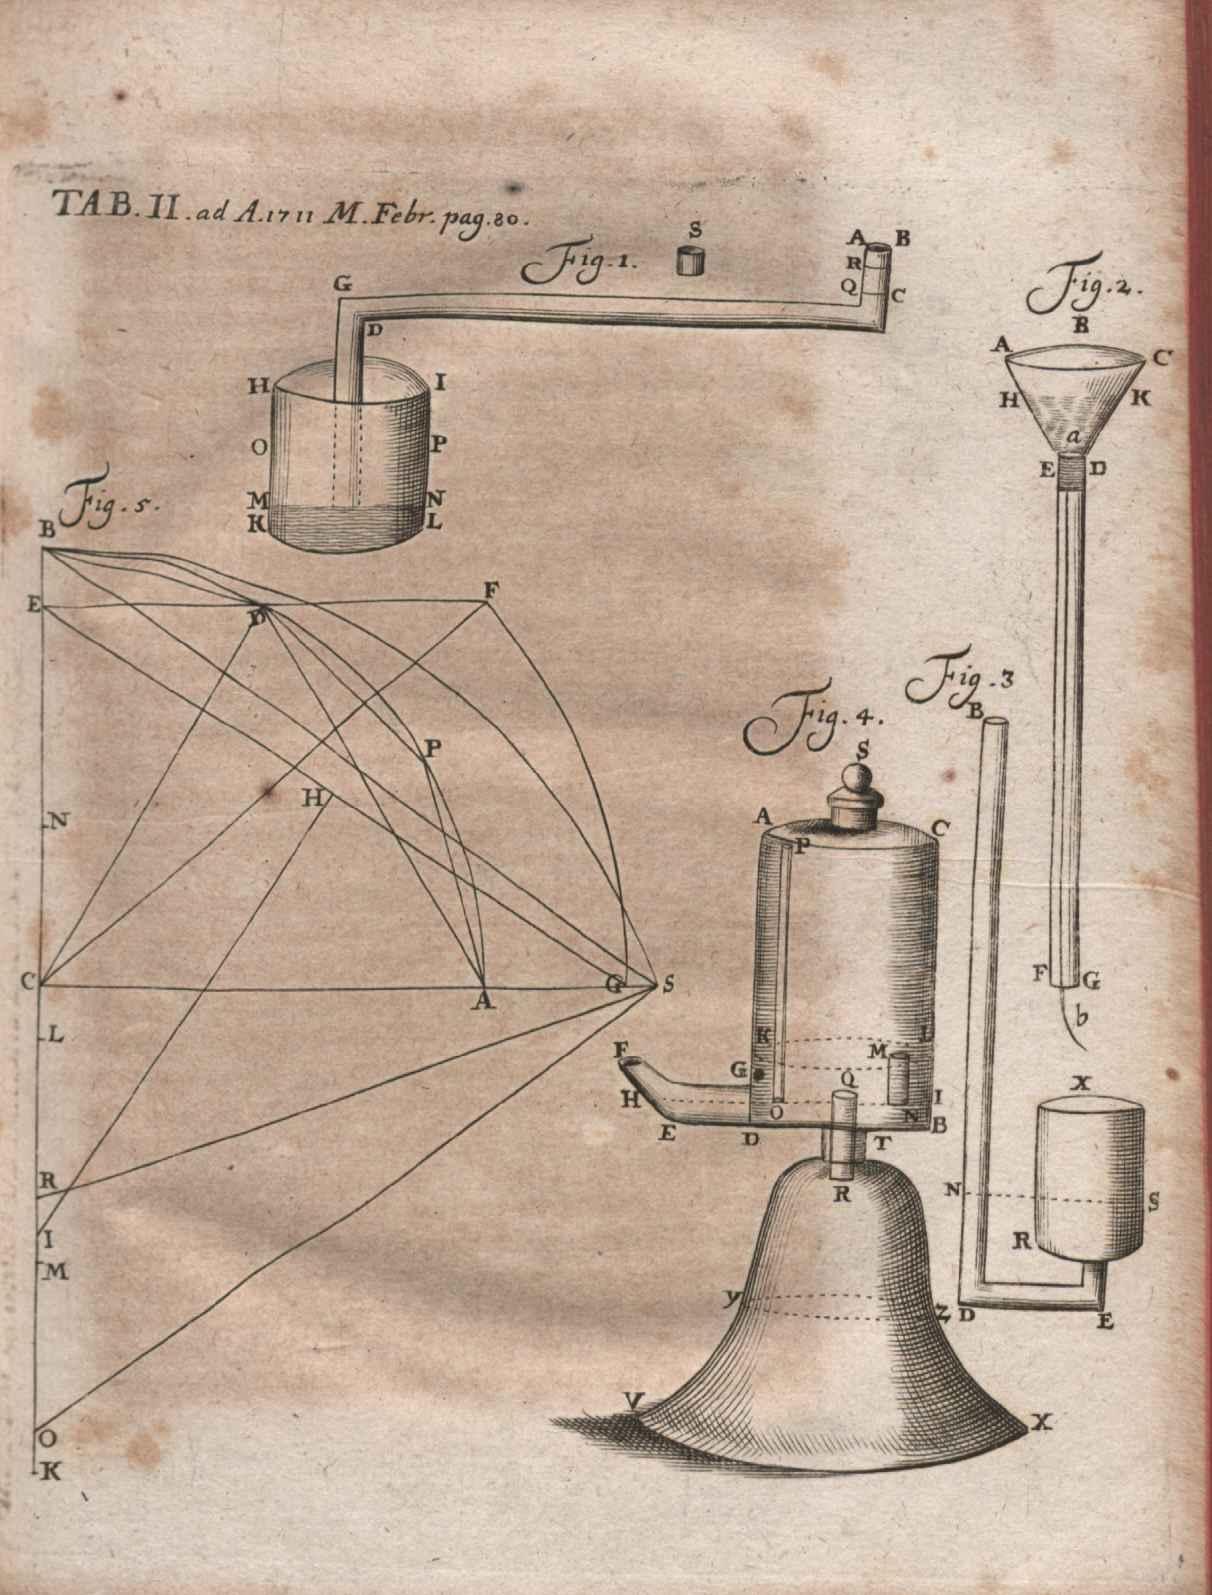 Ilustración desde la reseña de ''Miscellanea'' publicada en Acta eruditorum, 1711